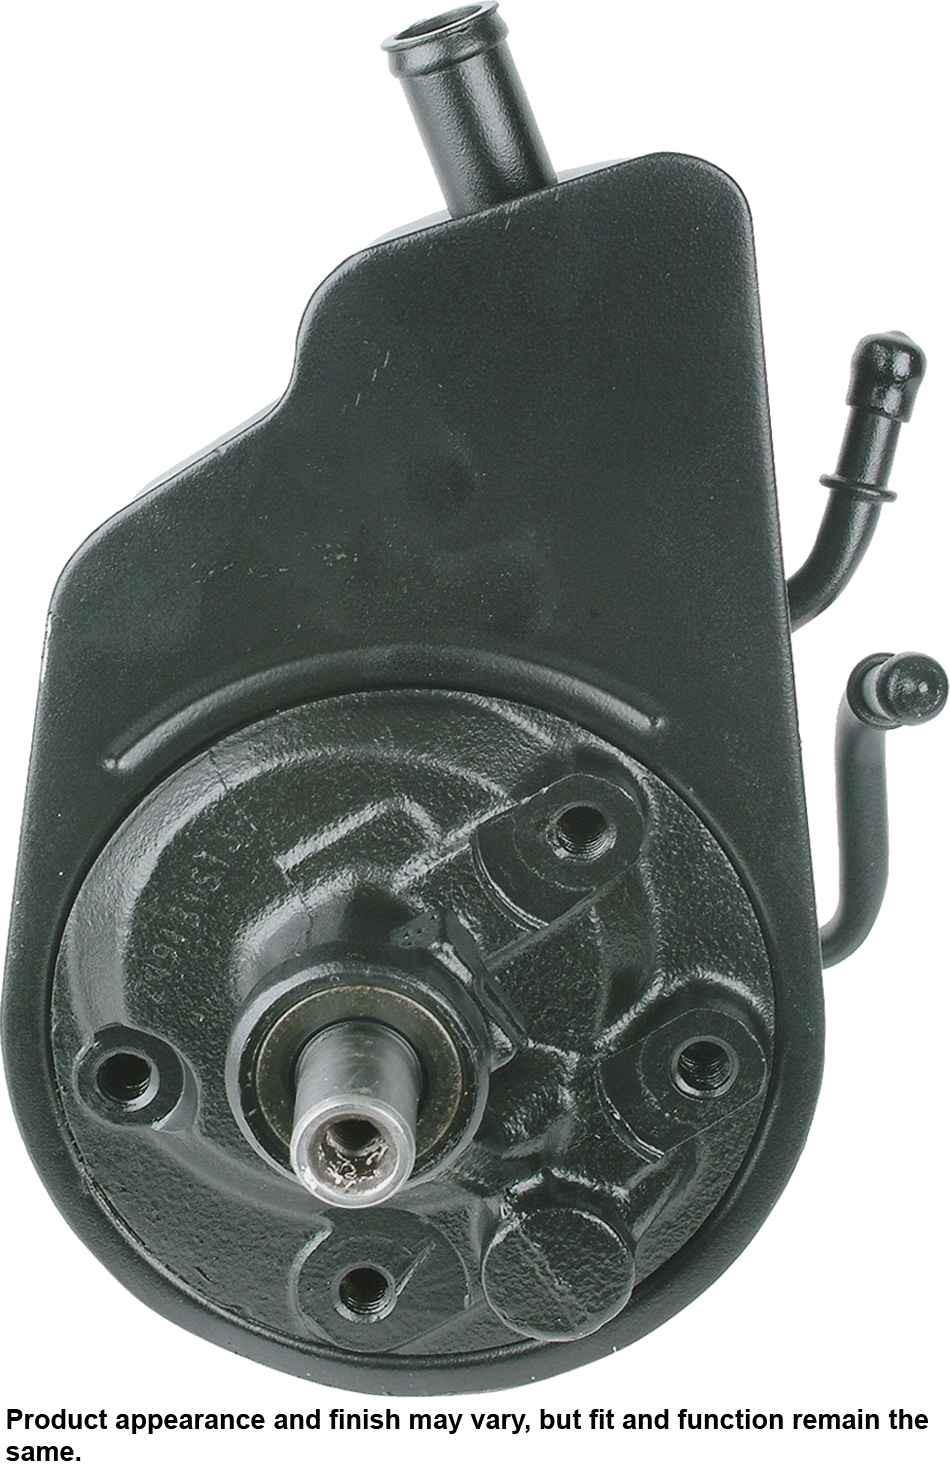 Imagen de Bomba de Dirección Asistida para Chevrolet Avalanche 2500 2002 Marca CARDONE Número de Parte 20-8758F